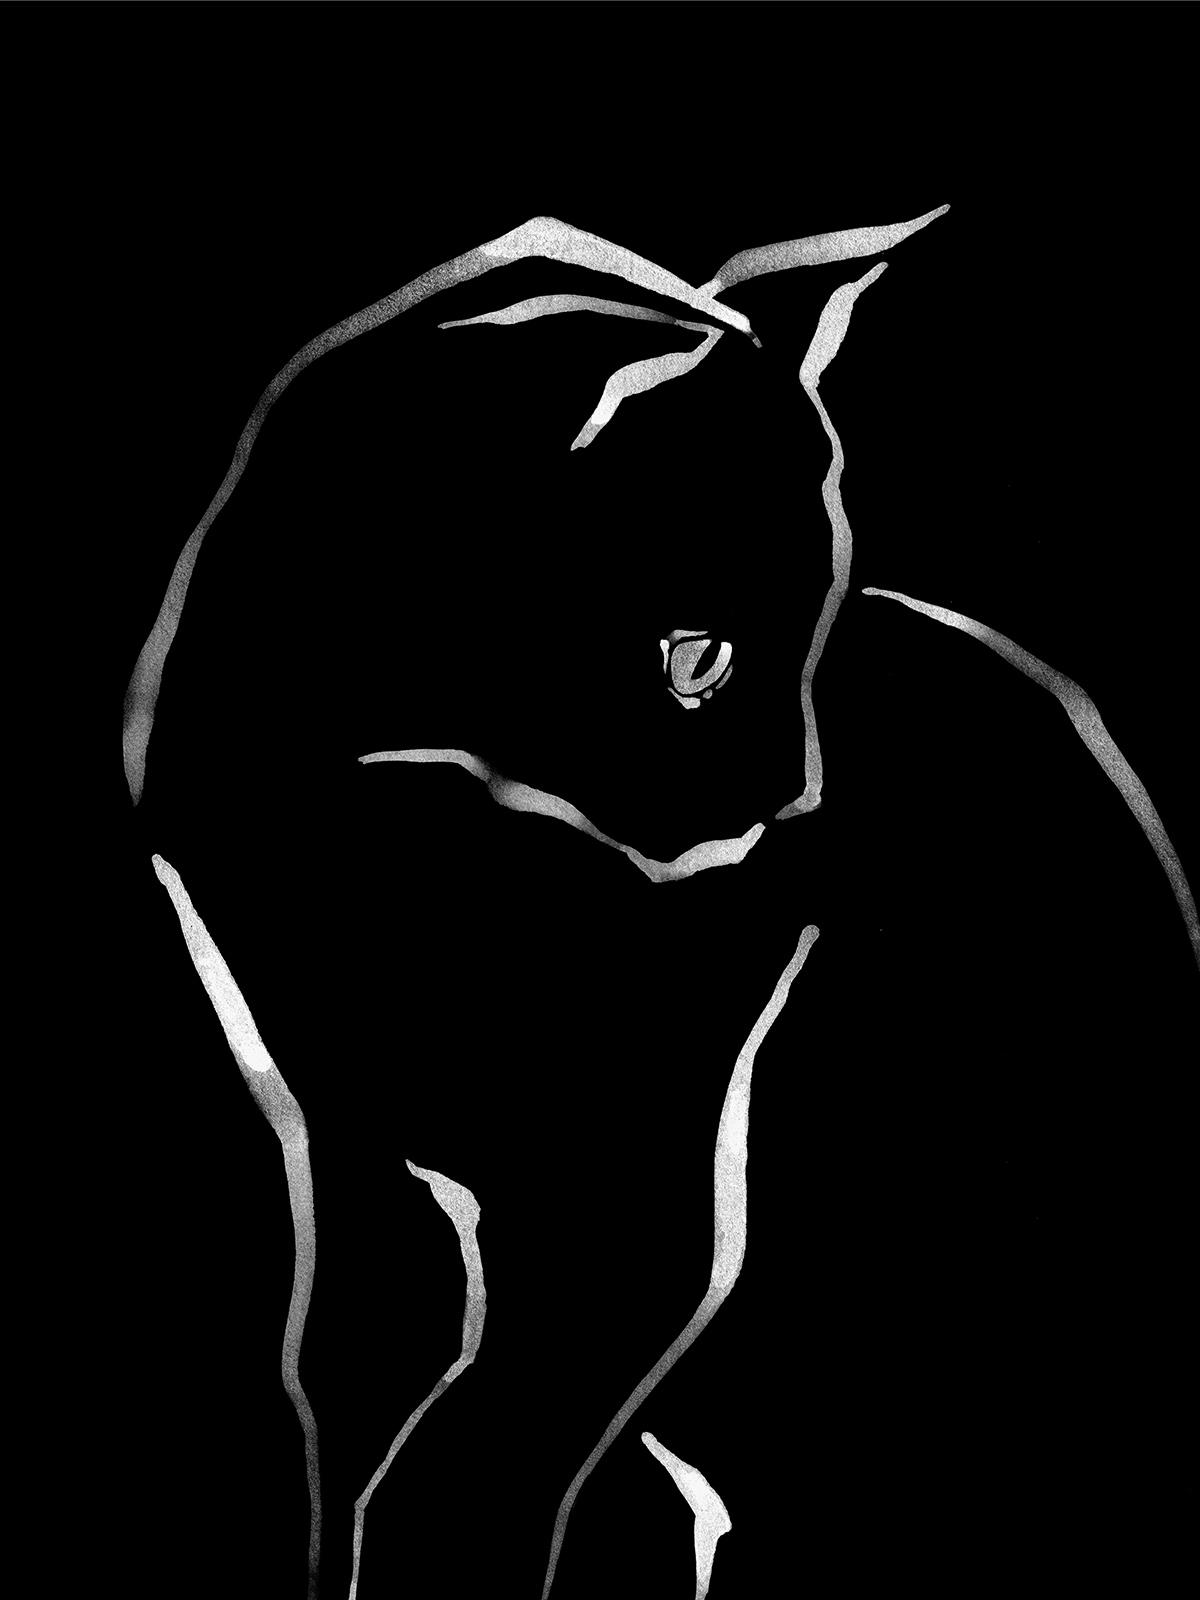 FINAL CAT 4.jpg